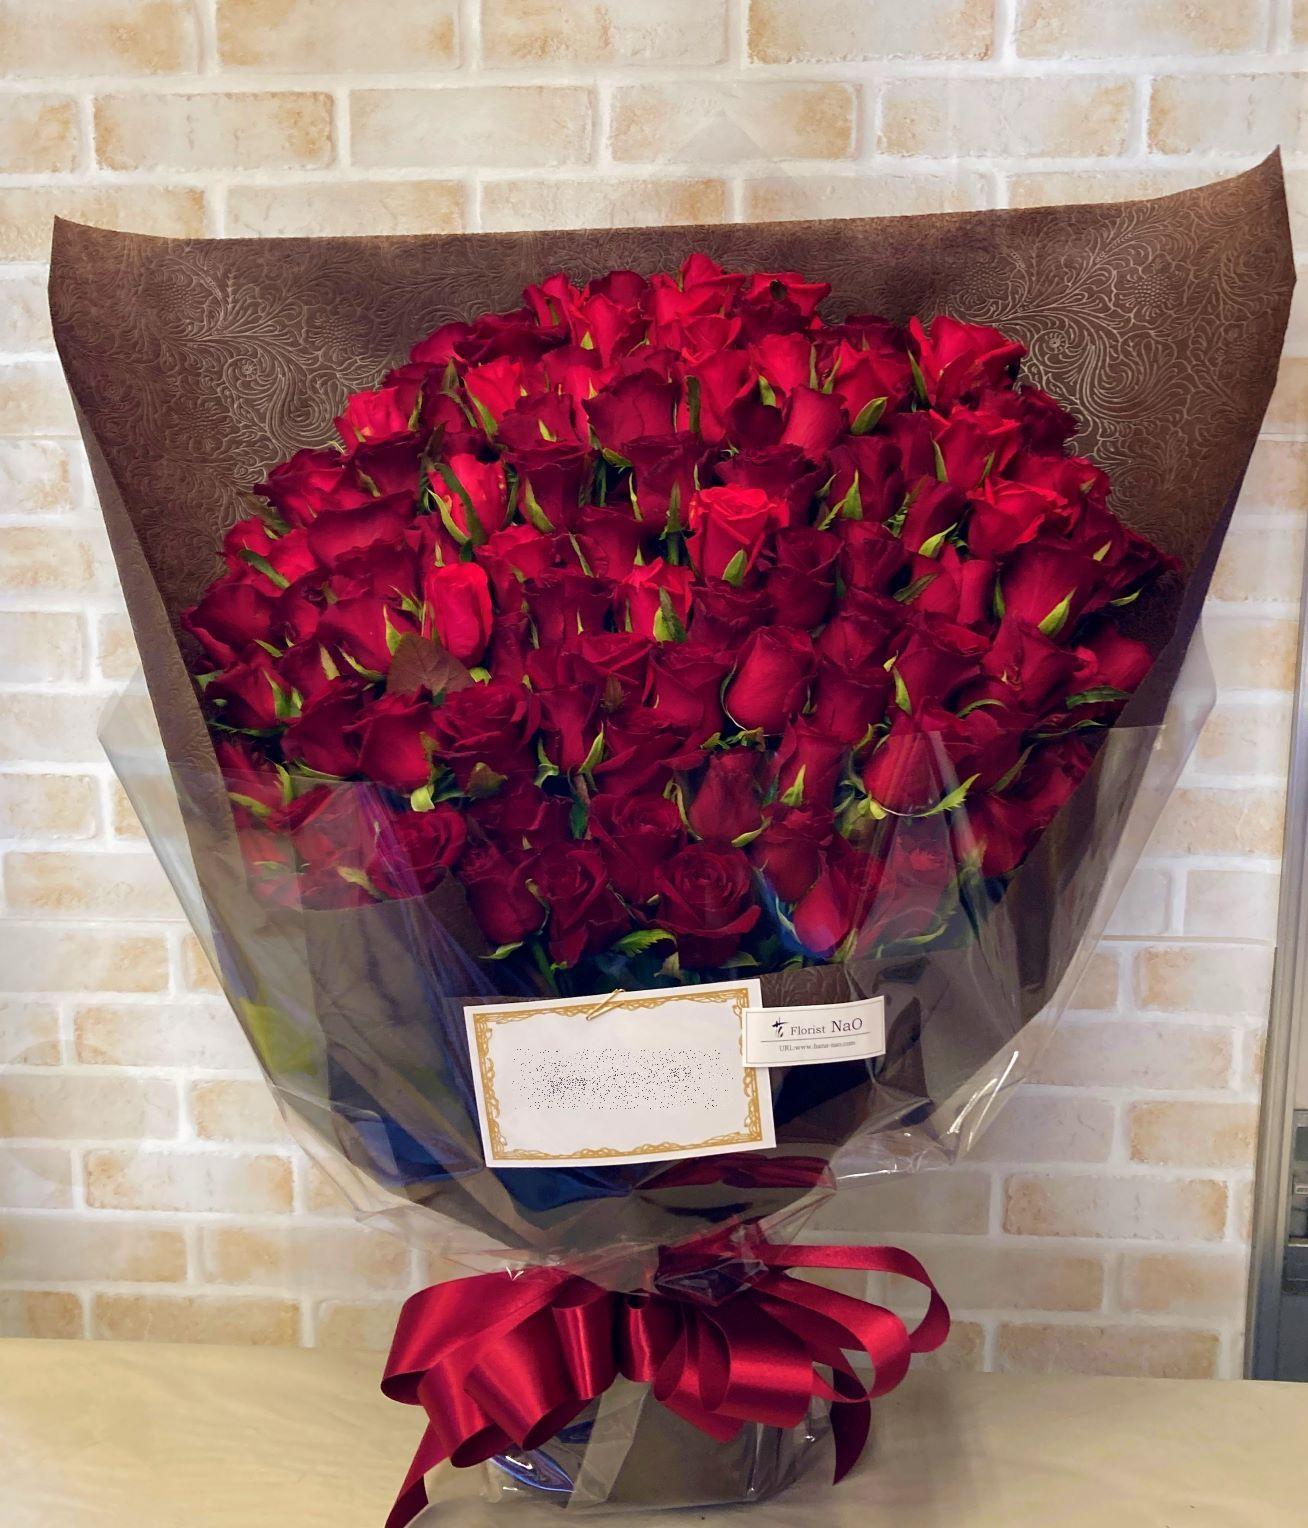 横浜ロイヤルパークホテルへバラの花束を配達しました。【横浜花屋の花束・スタンド花・胡蝶蘭・バルーン・アレンジメント配達事例936】